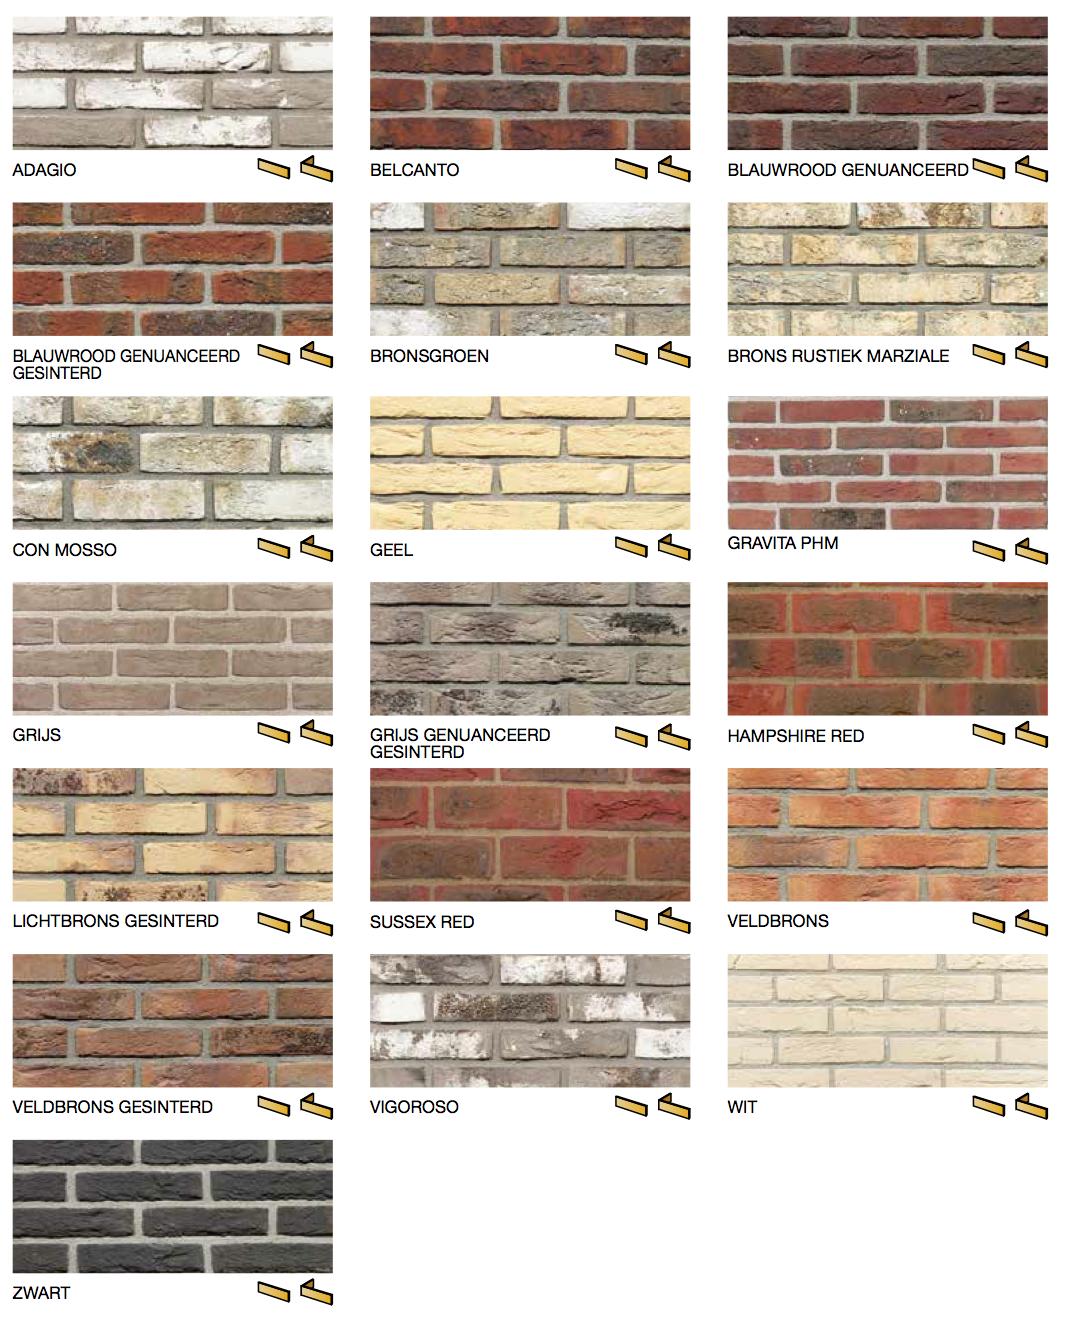 ditail-soluciones-prescripcion-wienerberger-brick-thorn-modelado-a-mano